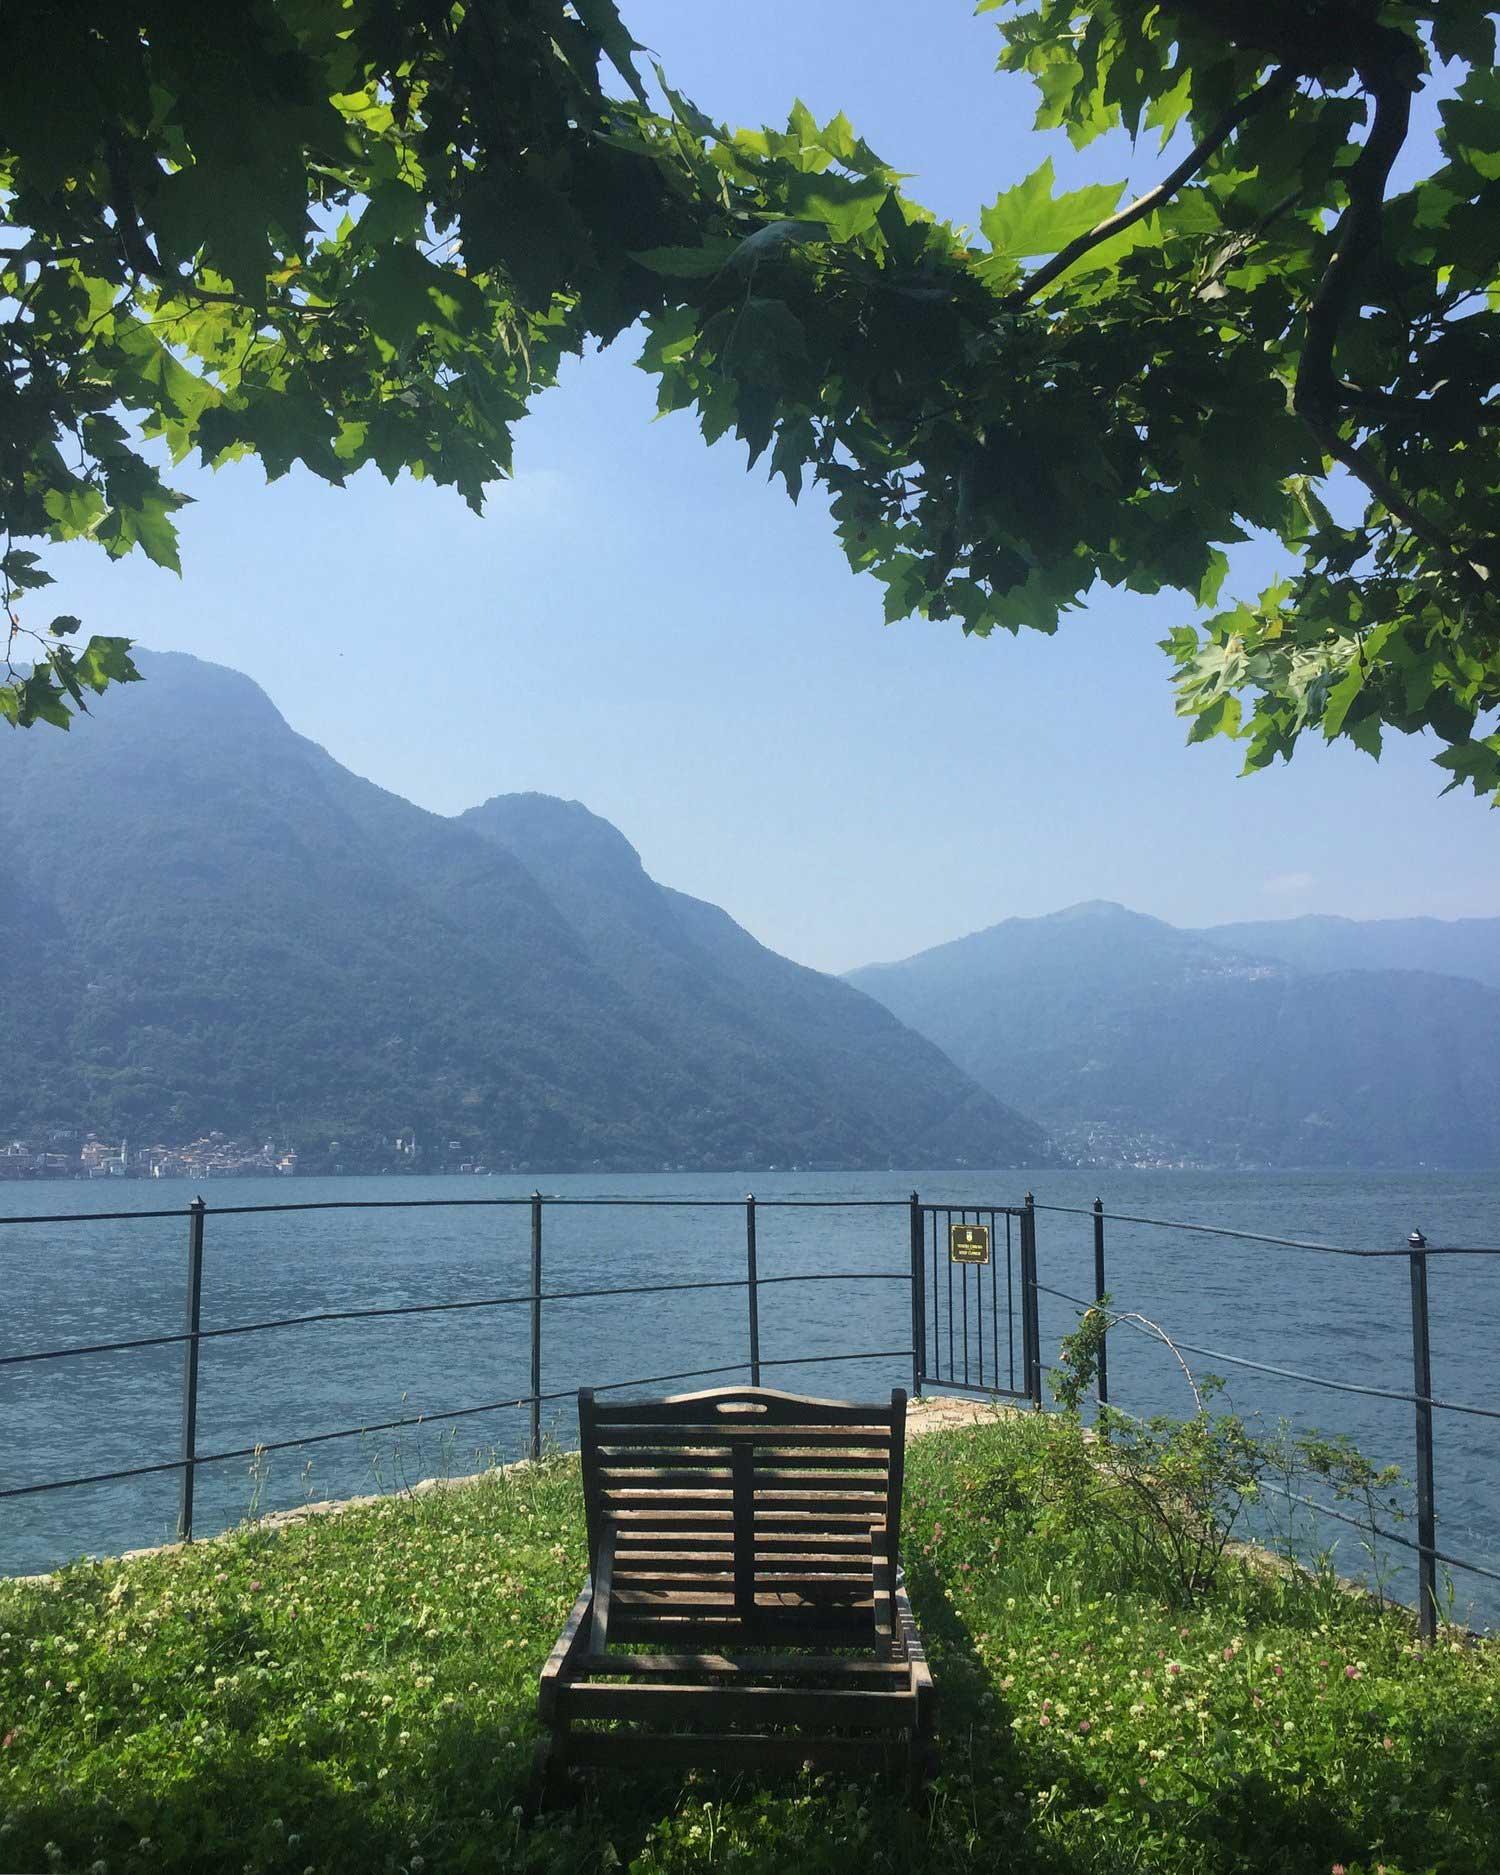 lake_como_cernobbio_guide_itsbeautifulhere15.jpg